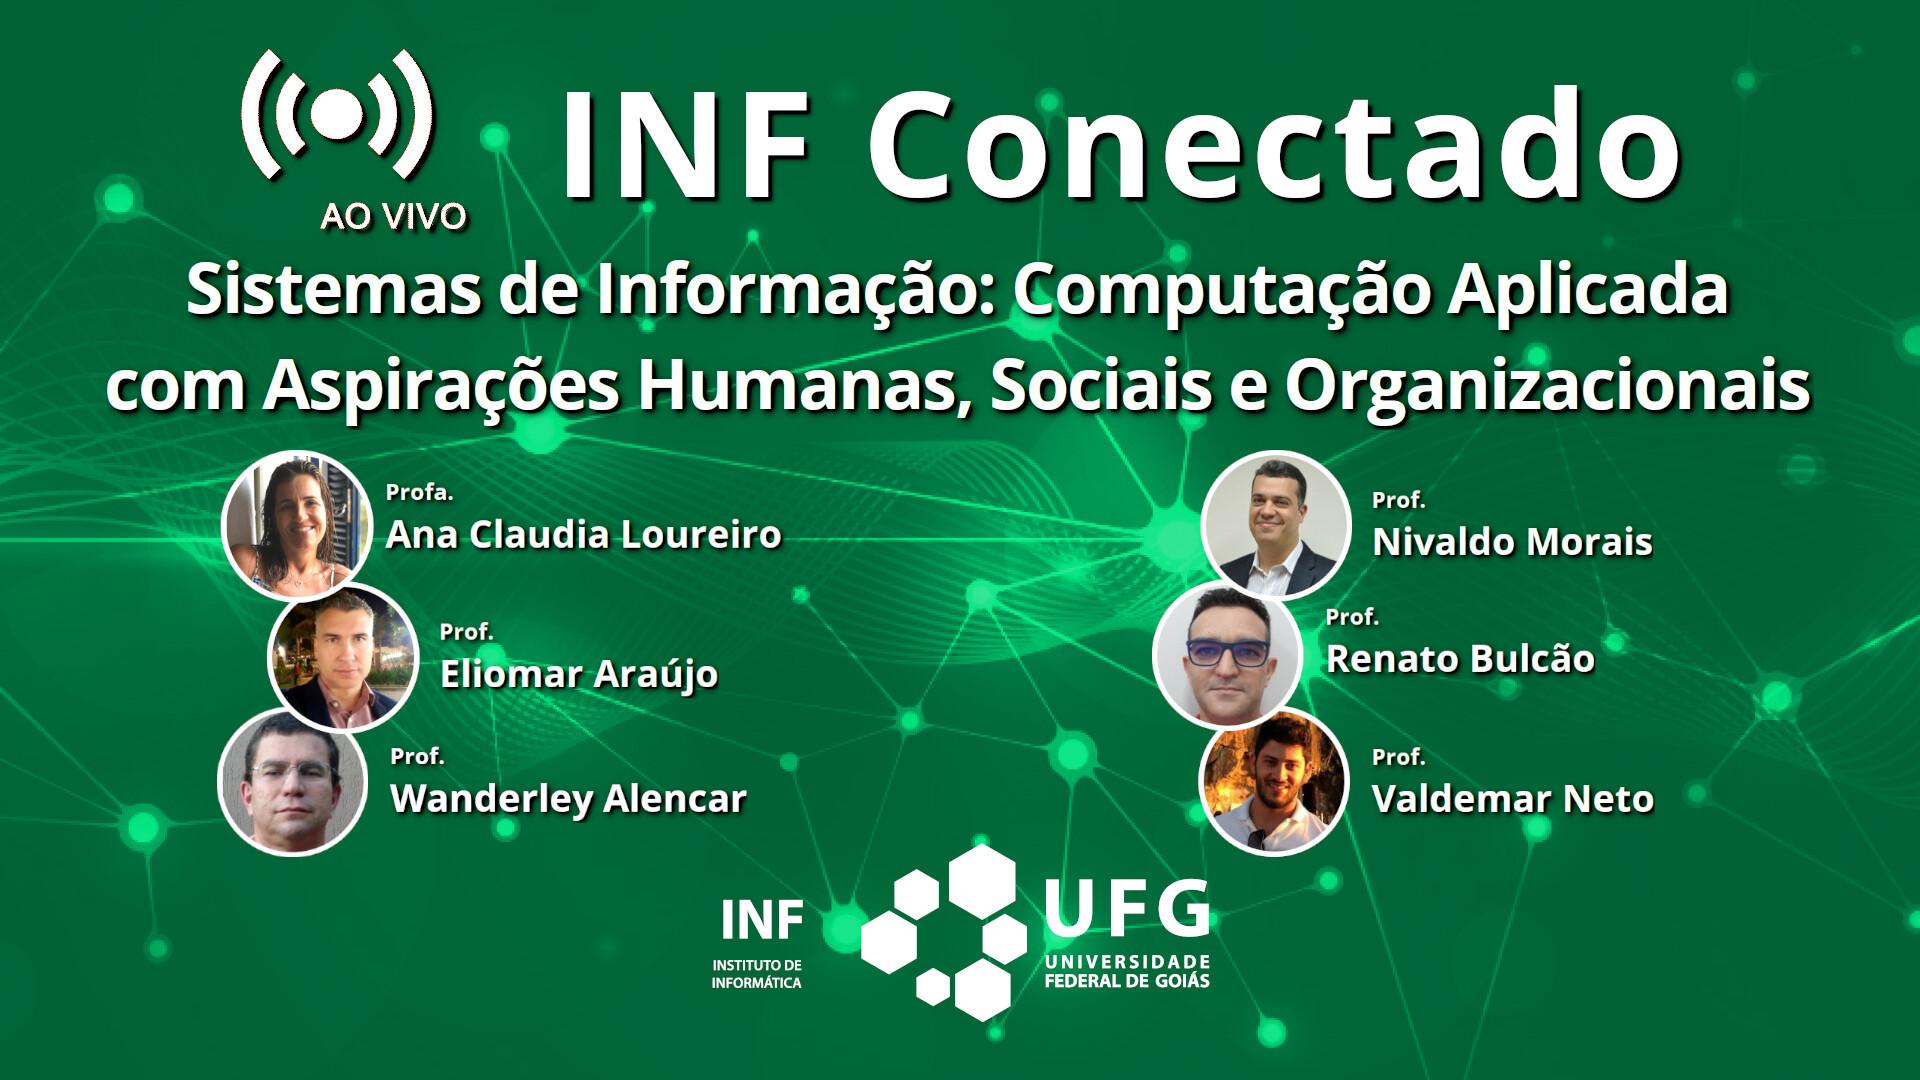 INF Conectado - YouTube - 07